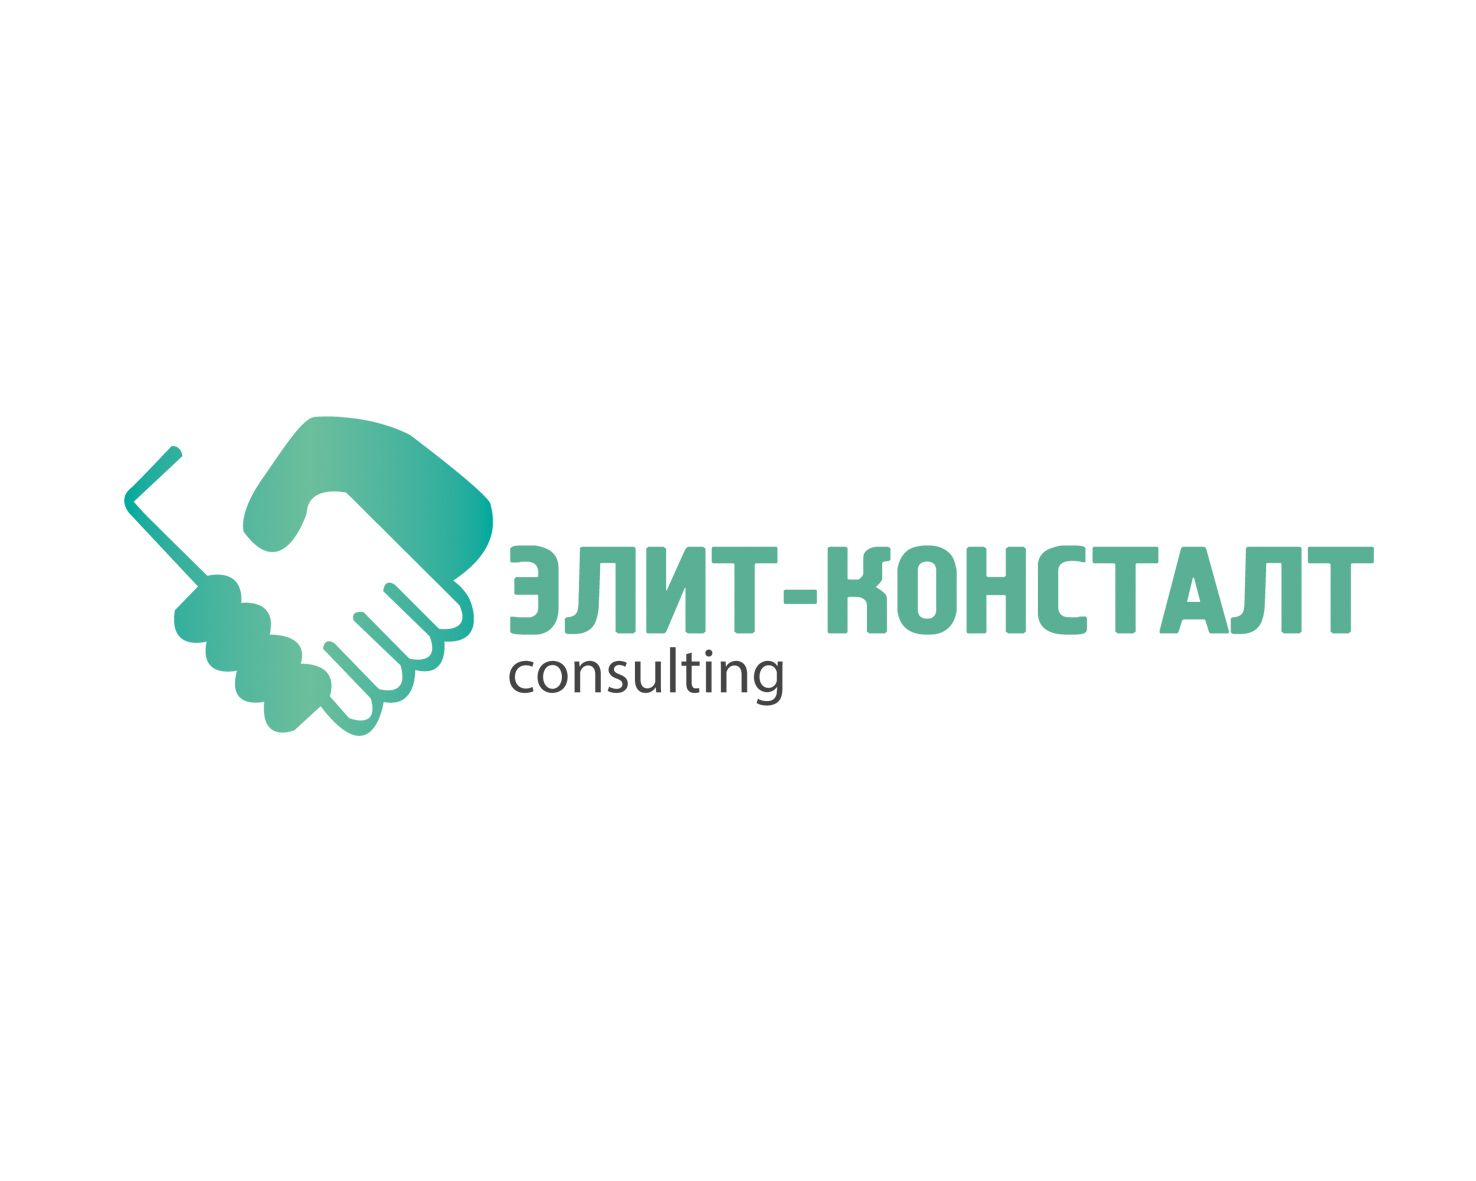 Логотип консалт-компании. Ждем еще предложения! - дизайнер ruls132